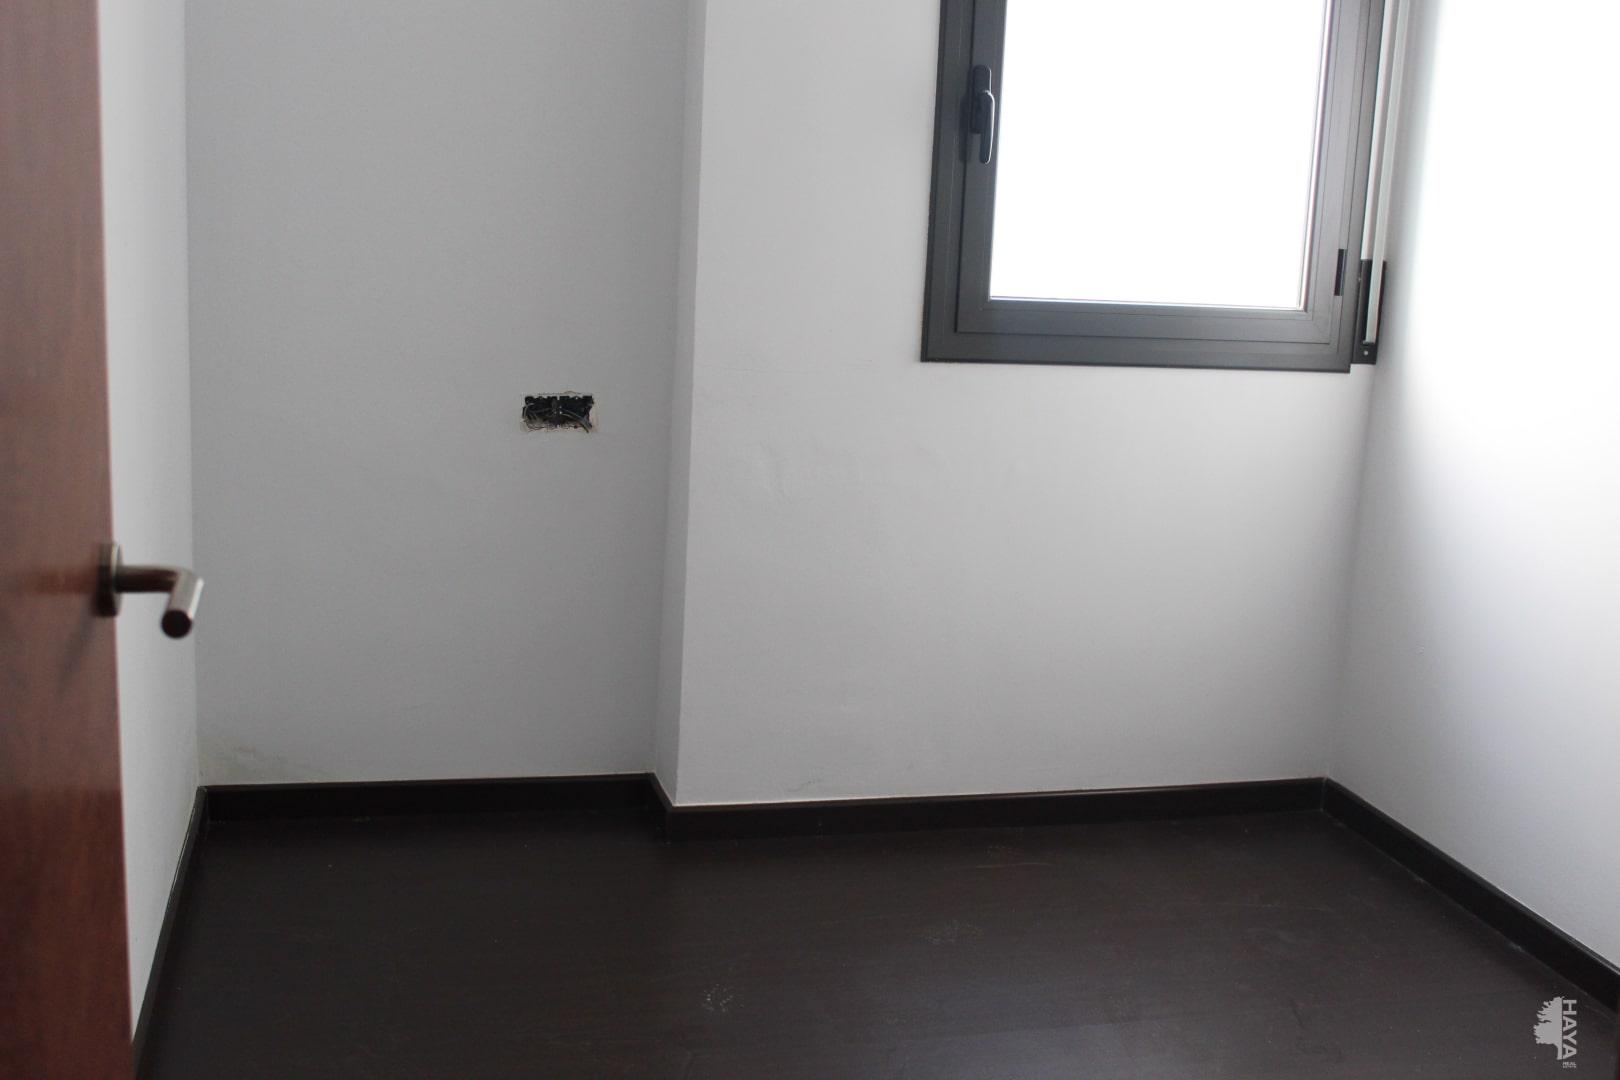 Piso en venta en Mas de Miralles, Amposta, Tarragona, Calle Bruch, 52.440 €, 2 habitaciones, 1 baño, 58 m2